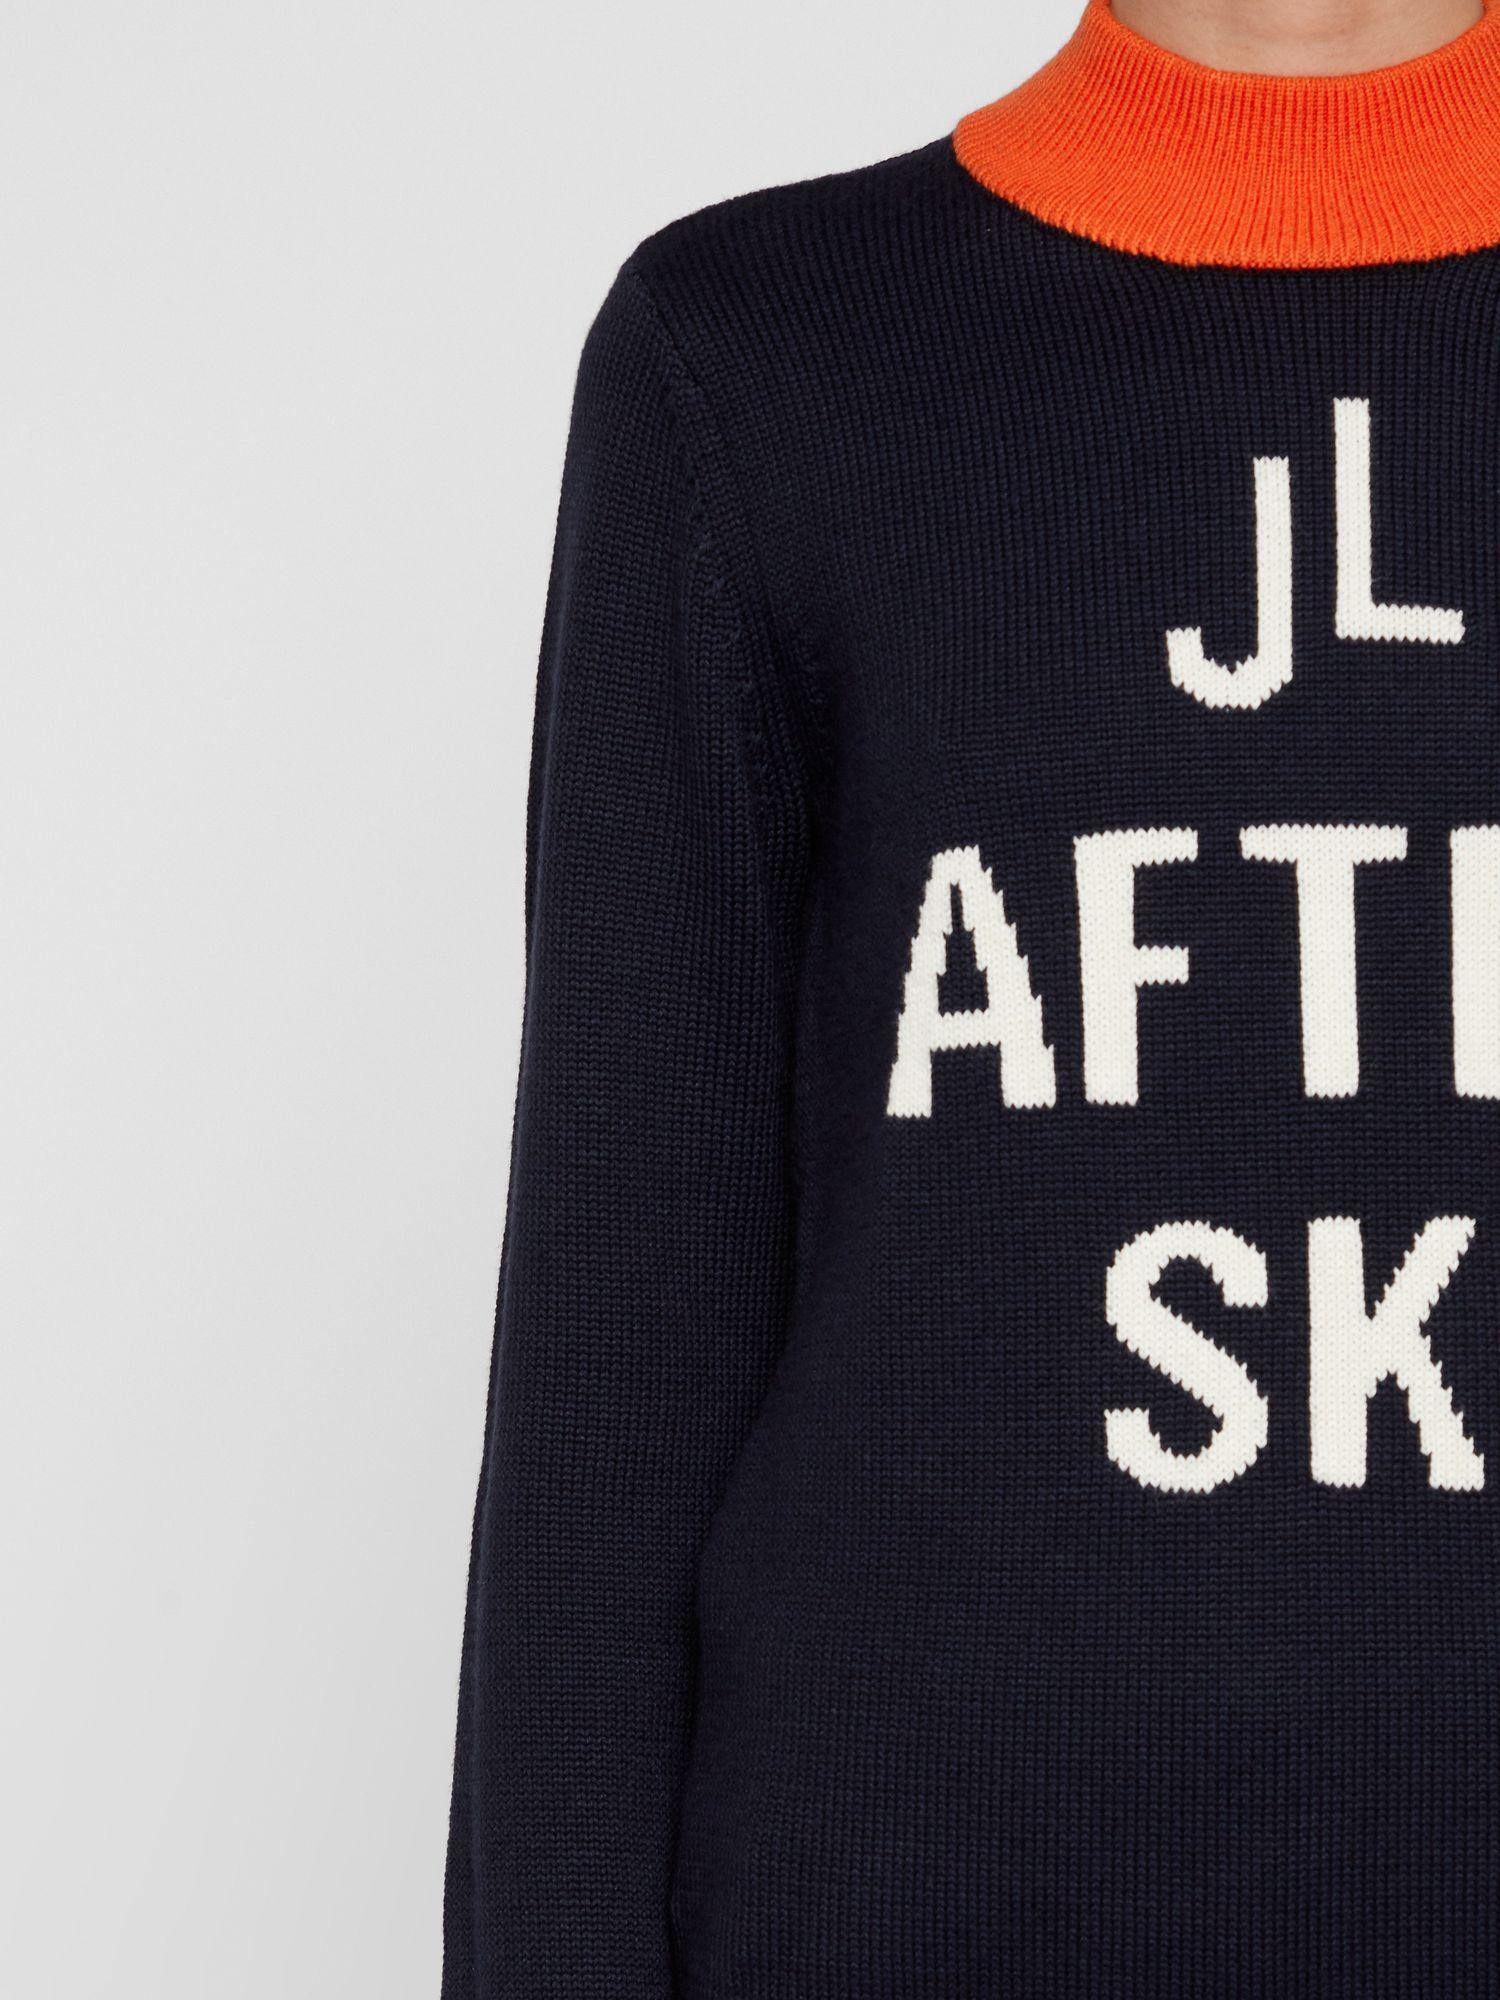 Women's Kayla Wool Coolmax Sweater Sale